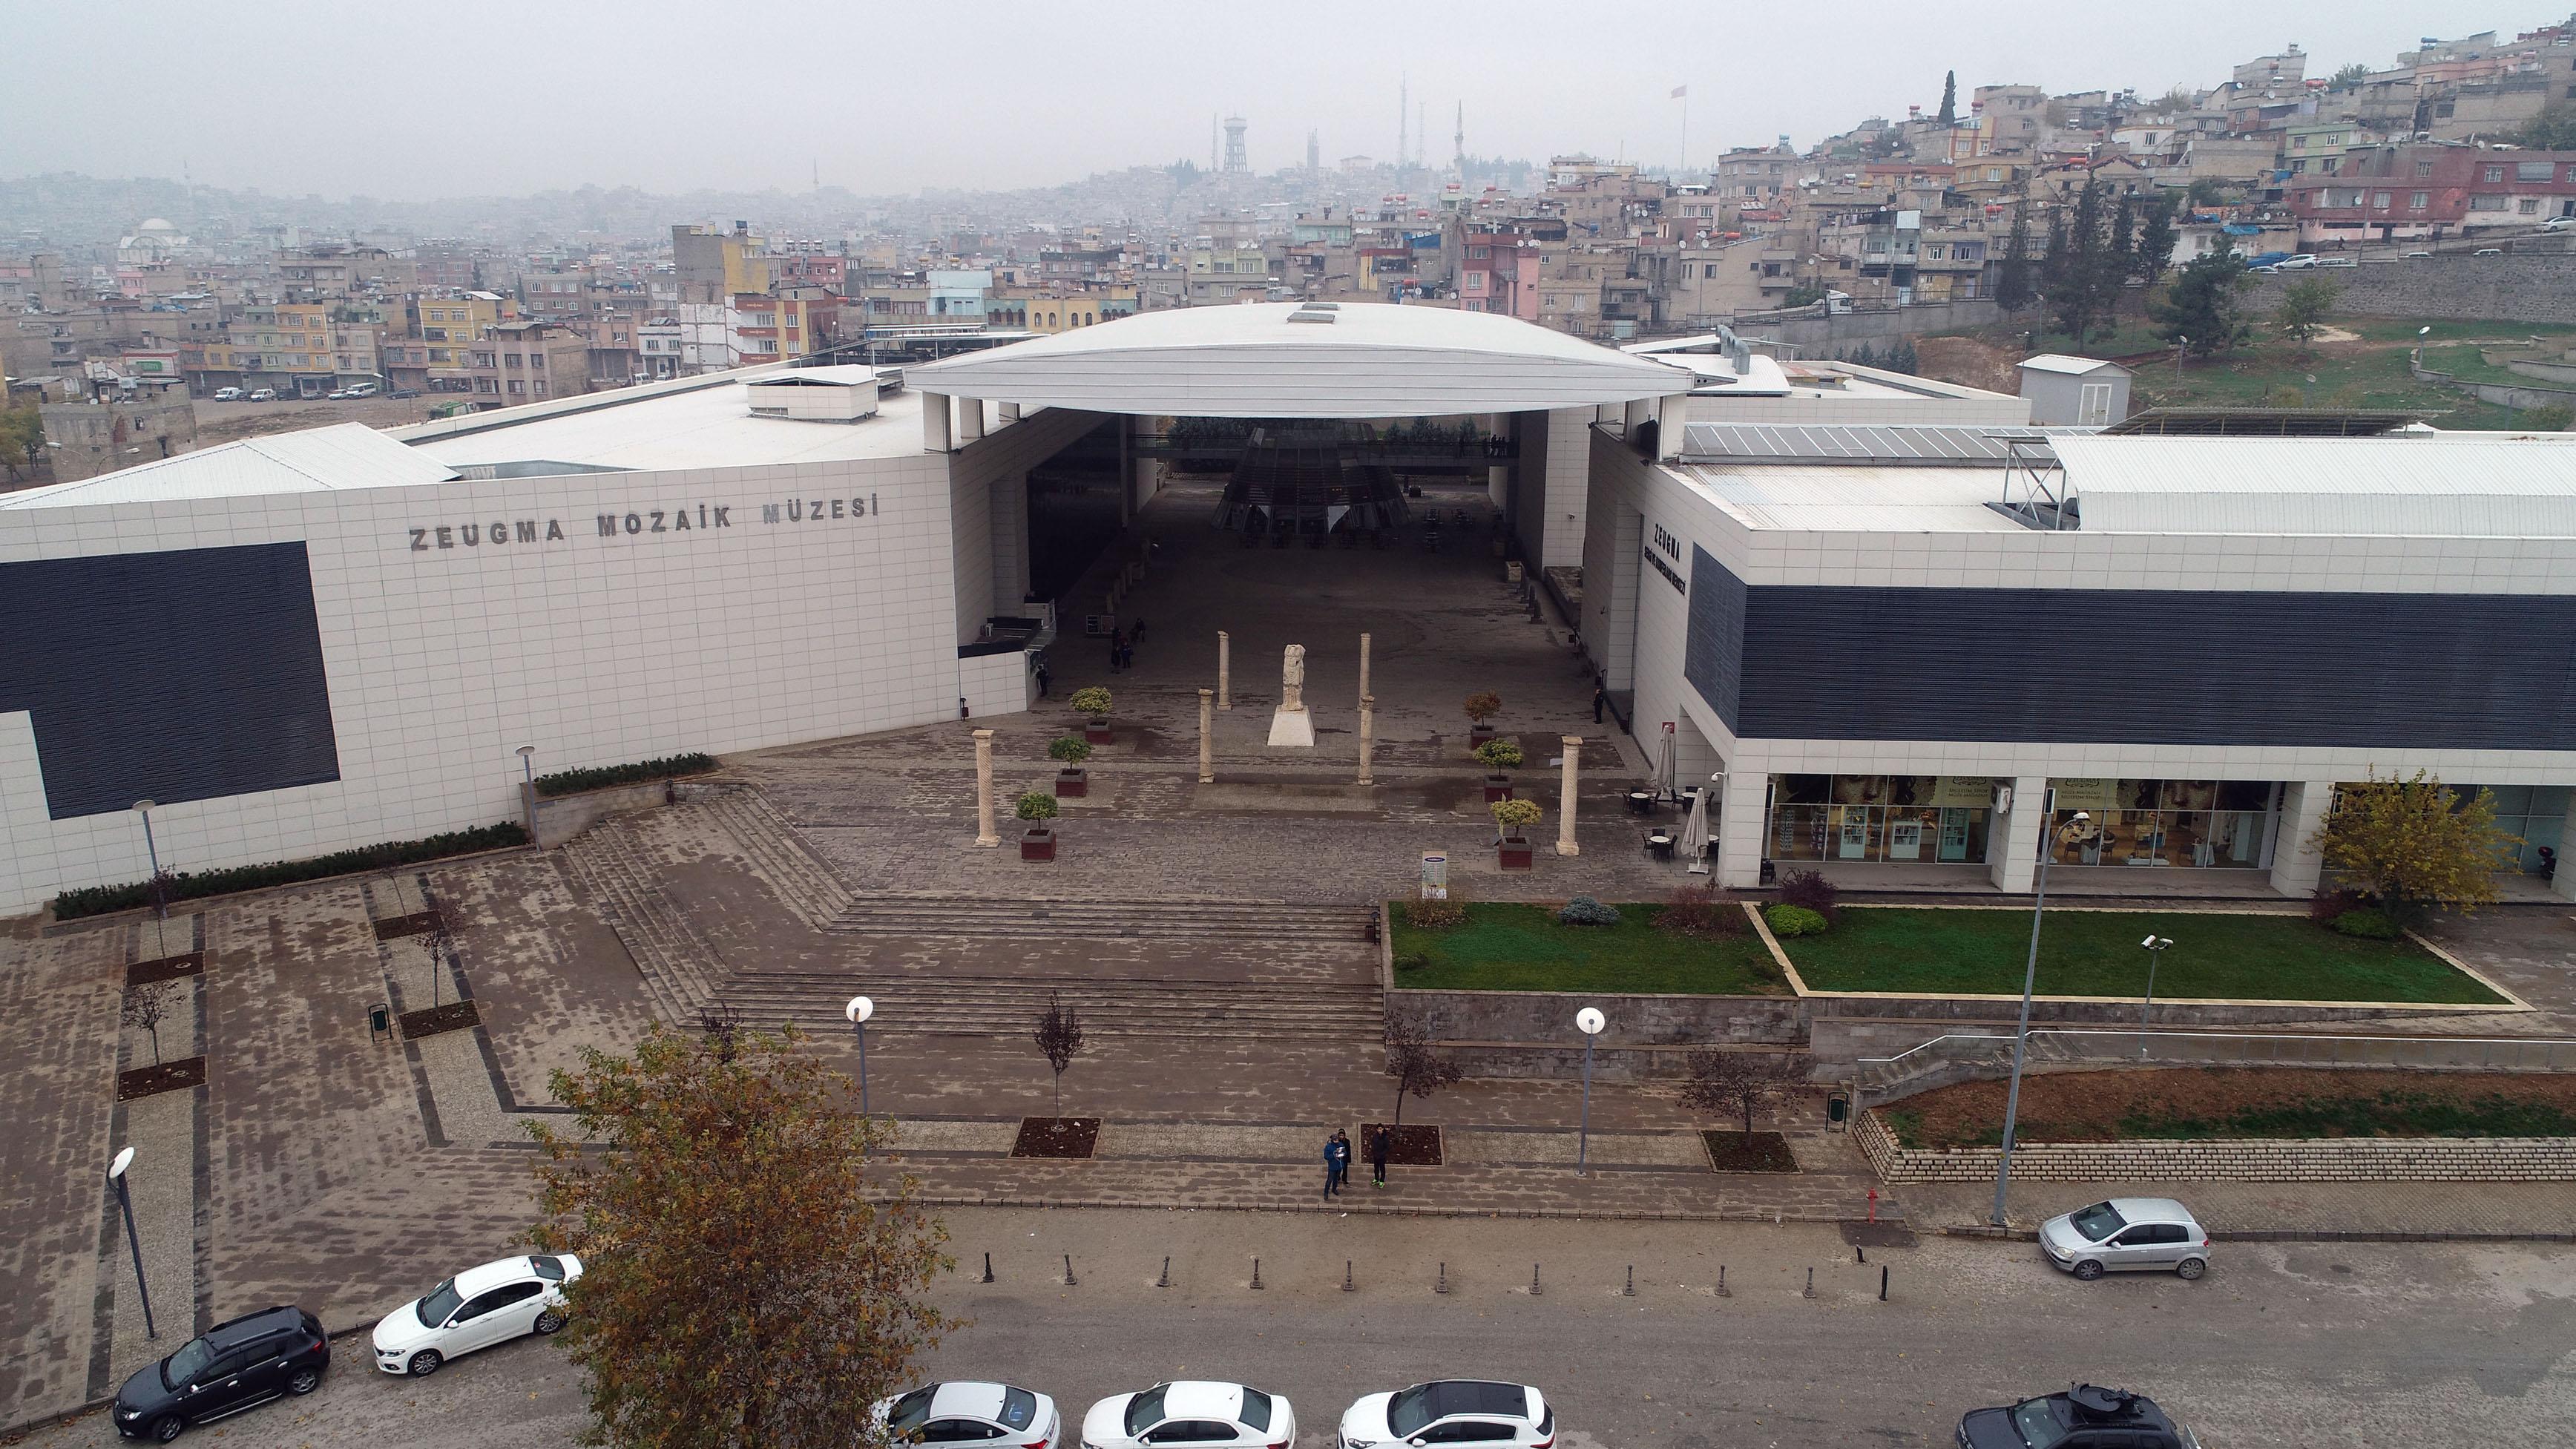 Gaziantep'teki Zeugma Mozaik Müzesi'nde 10 eser kayıp